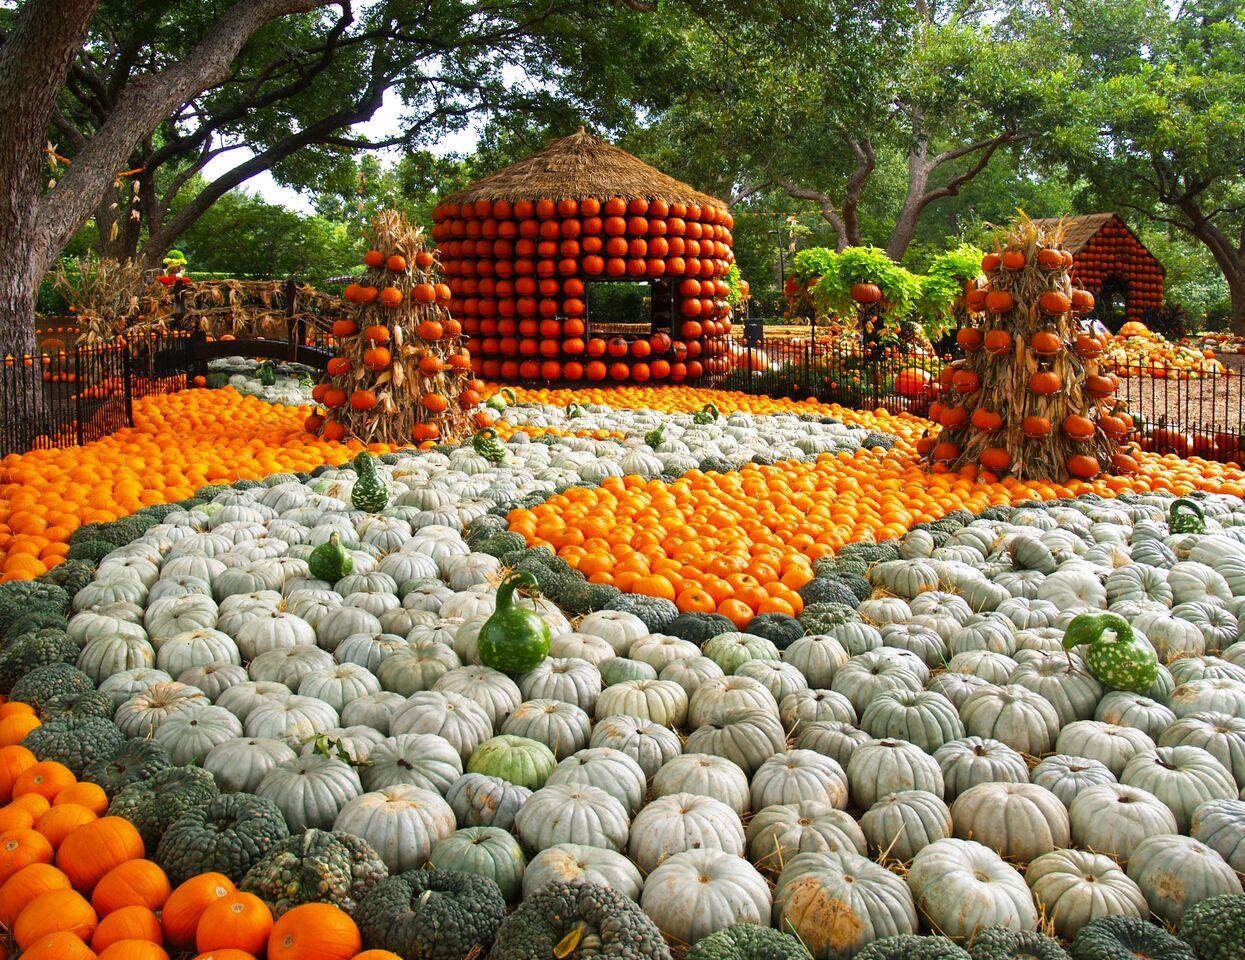 An Amateur S Guide To The Dallas Arboretum S Pumpkin Patch D